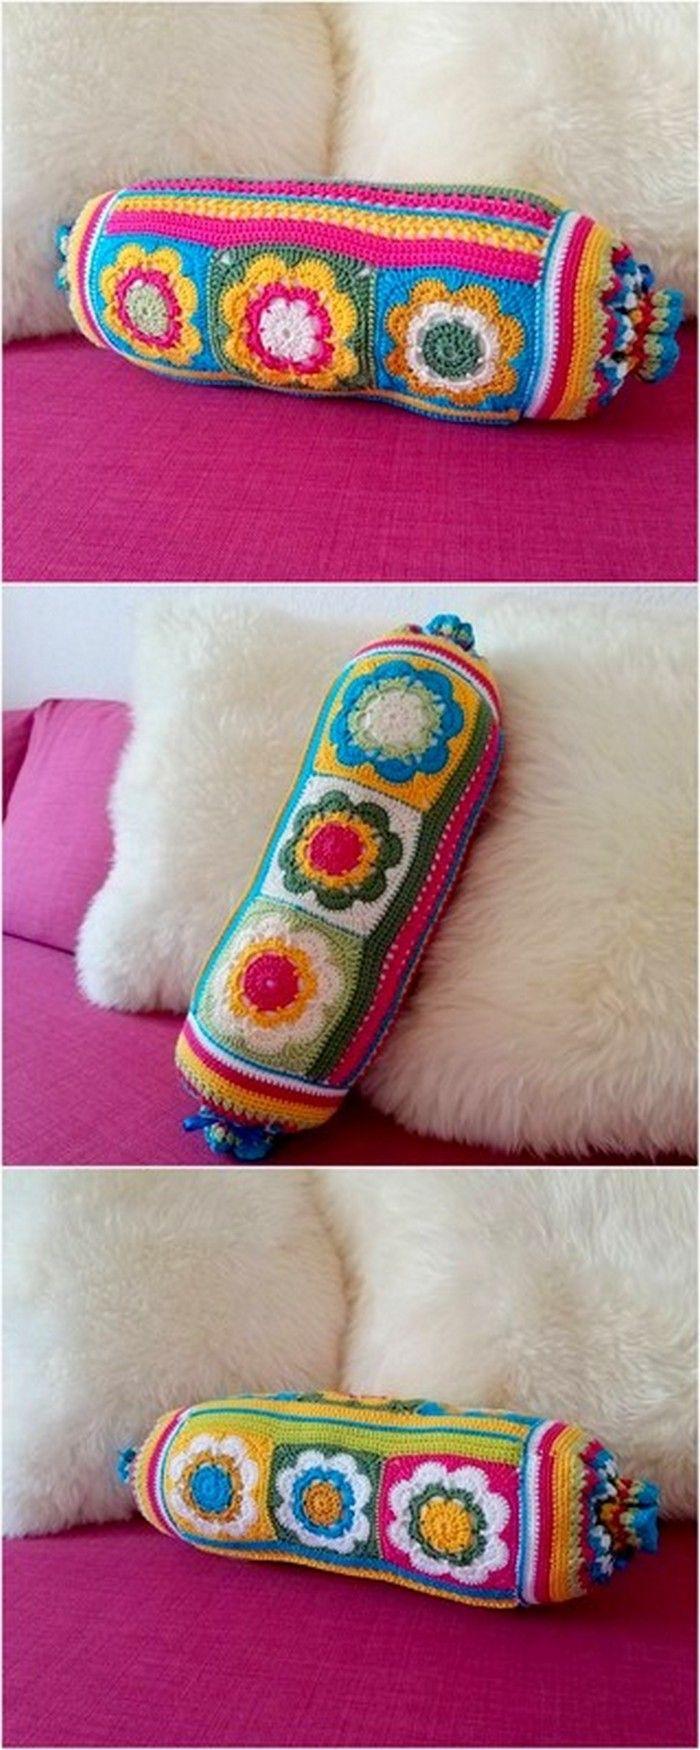 Idées de crochet faciles pour des créations de crochet utiles – Diy Rustics   – Crochet Ideas